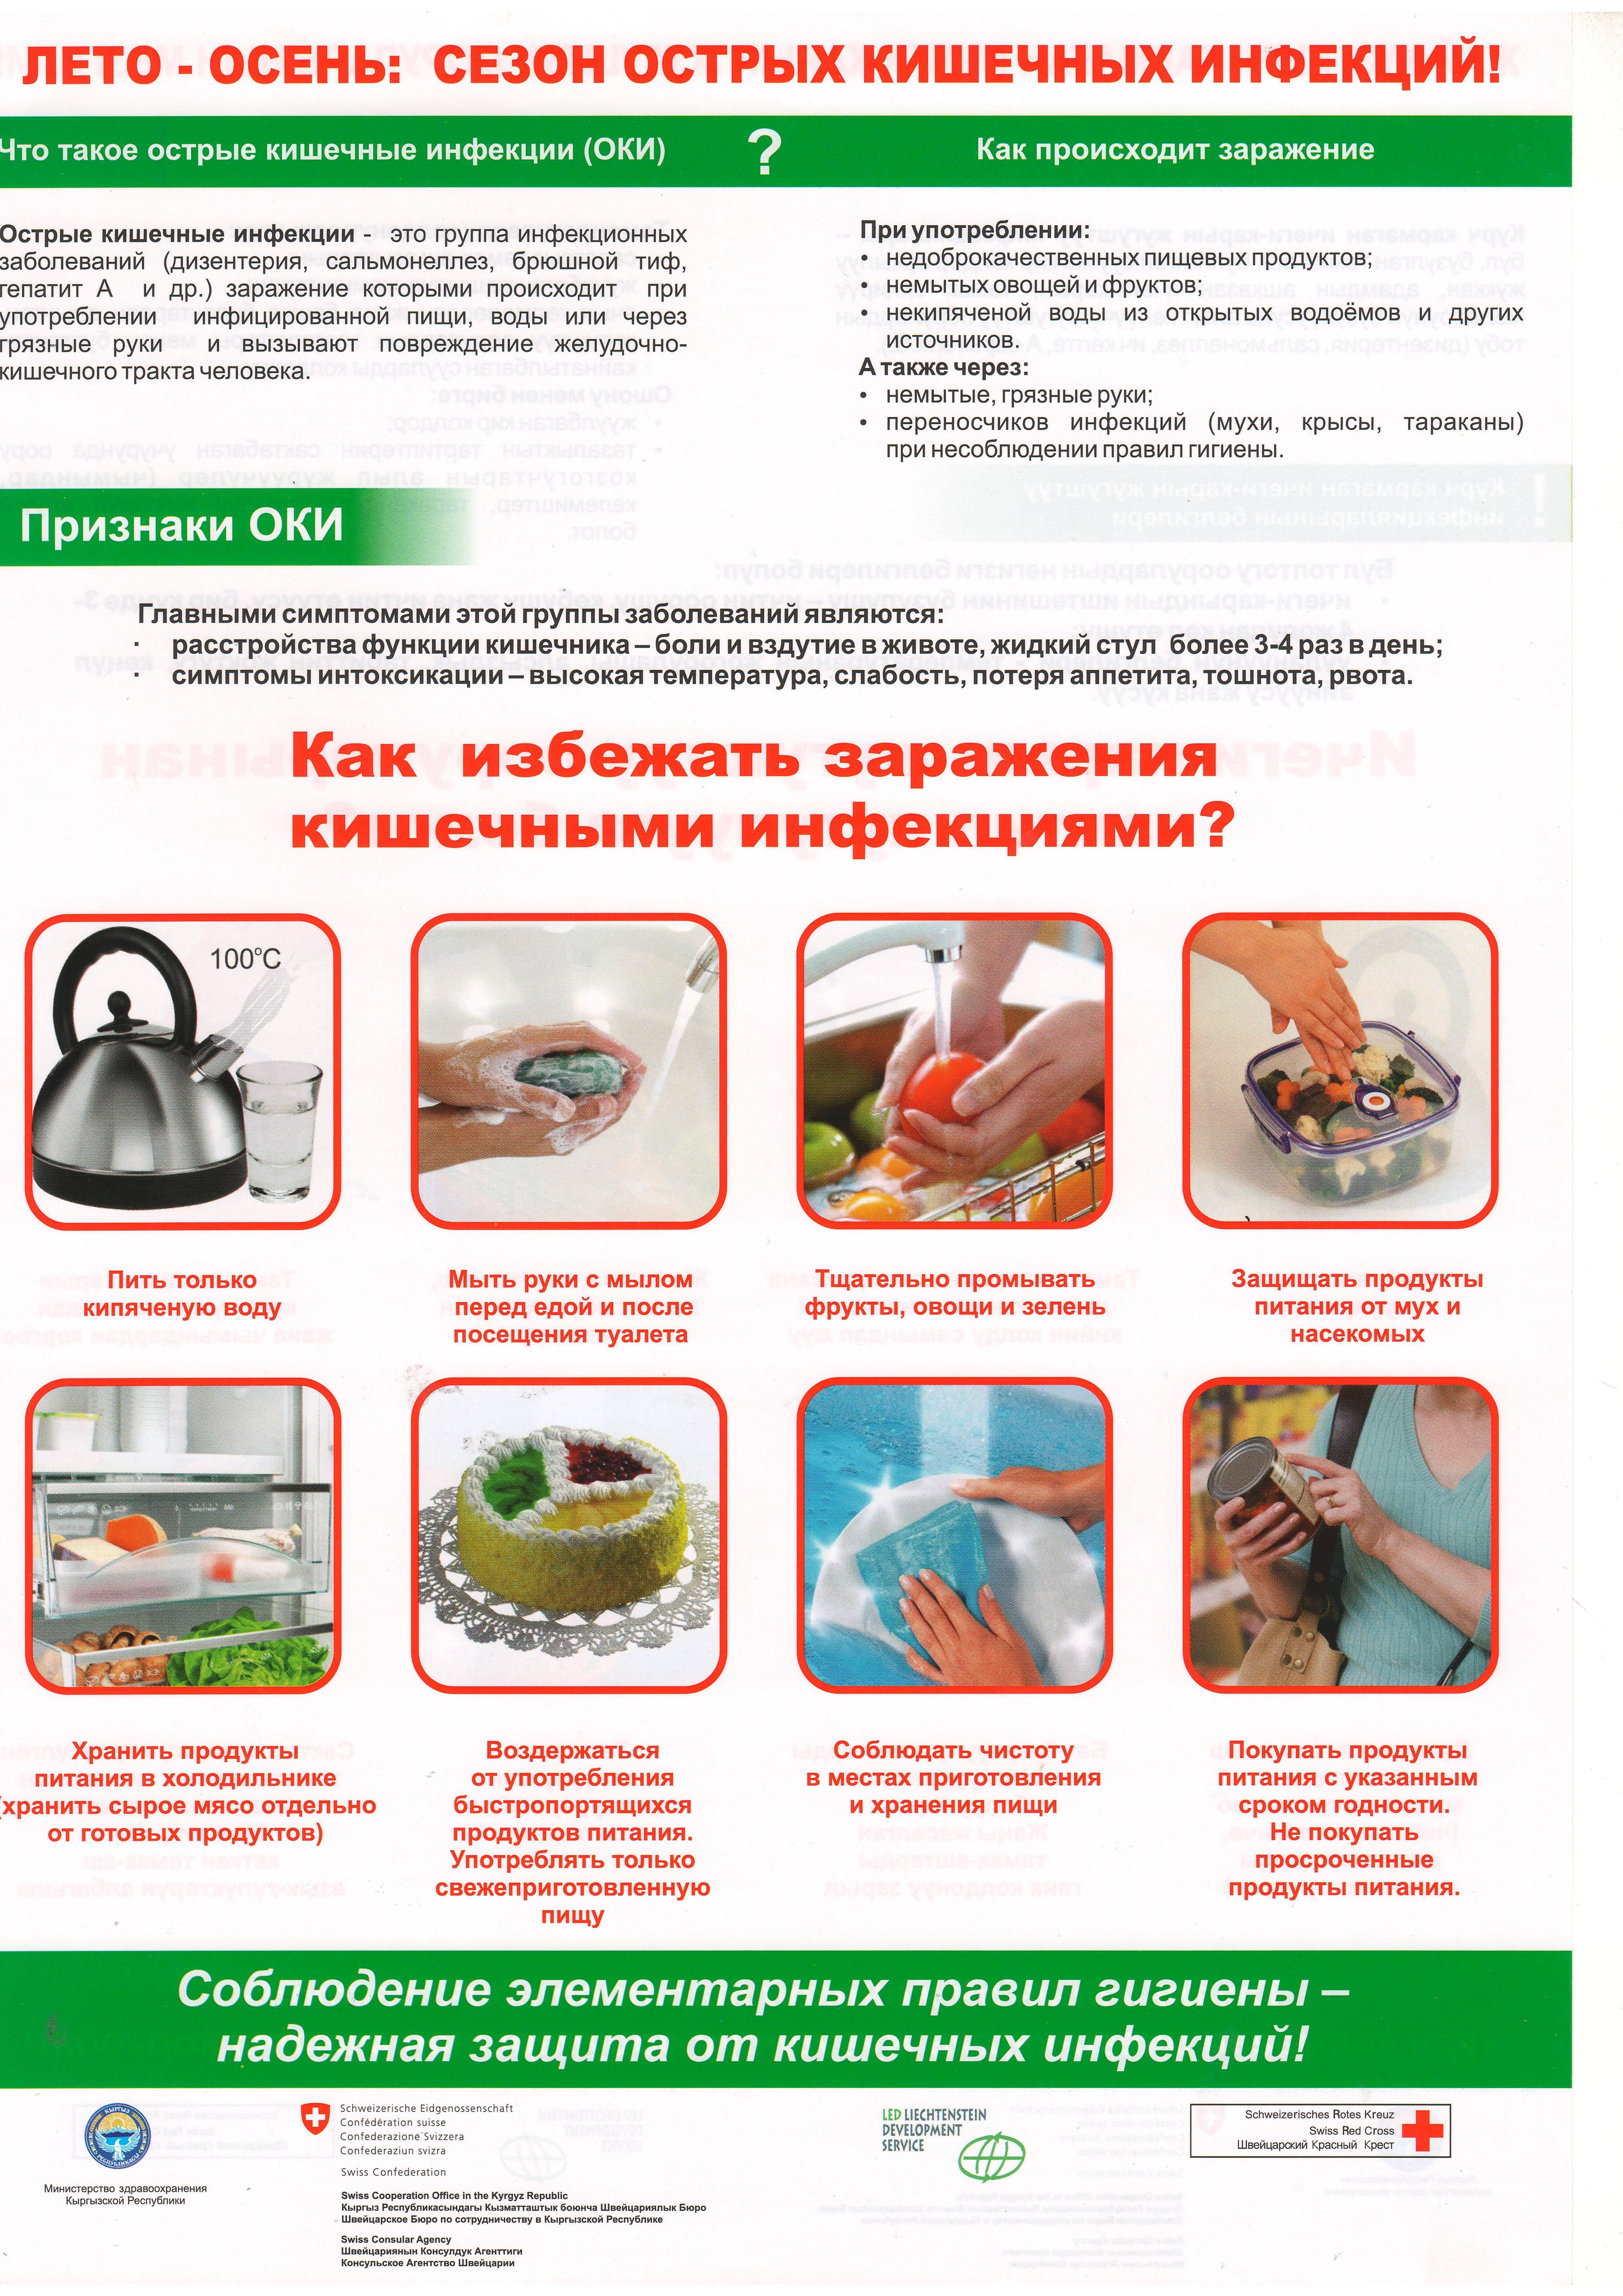 Кишечная инфекция у детей: симптомы и лечение, профилактика, сколько длится